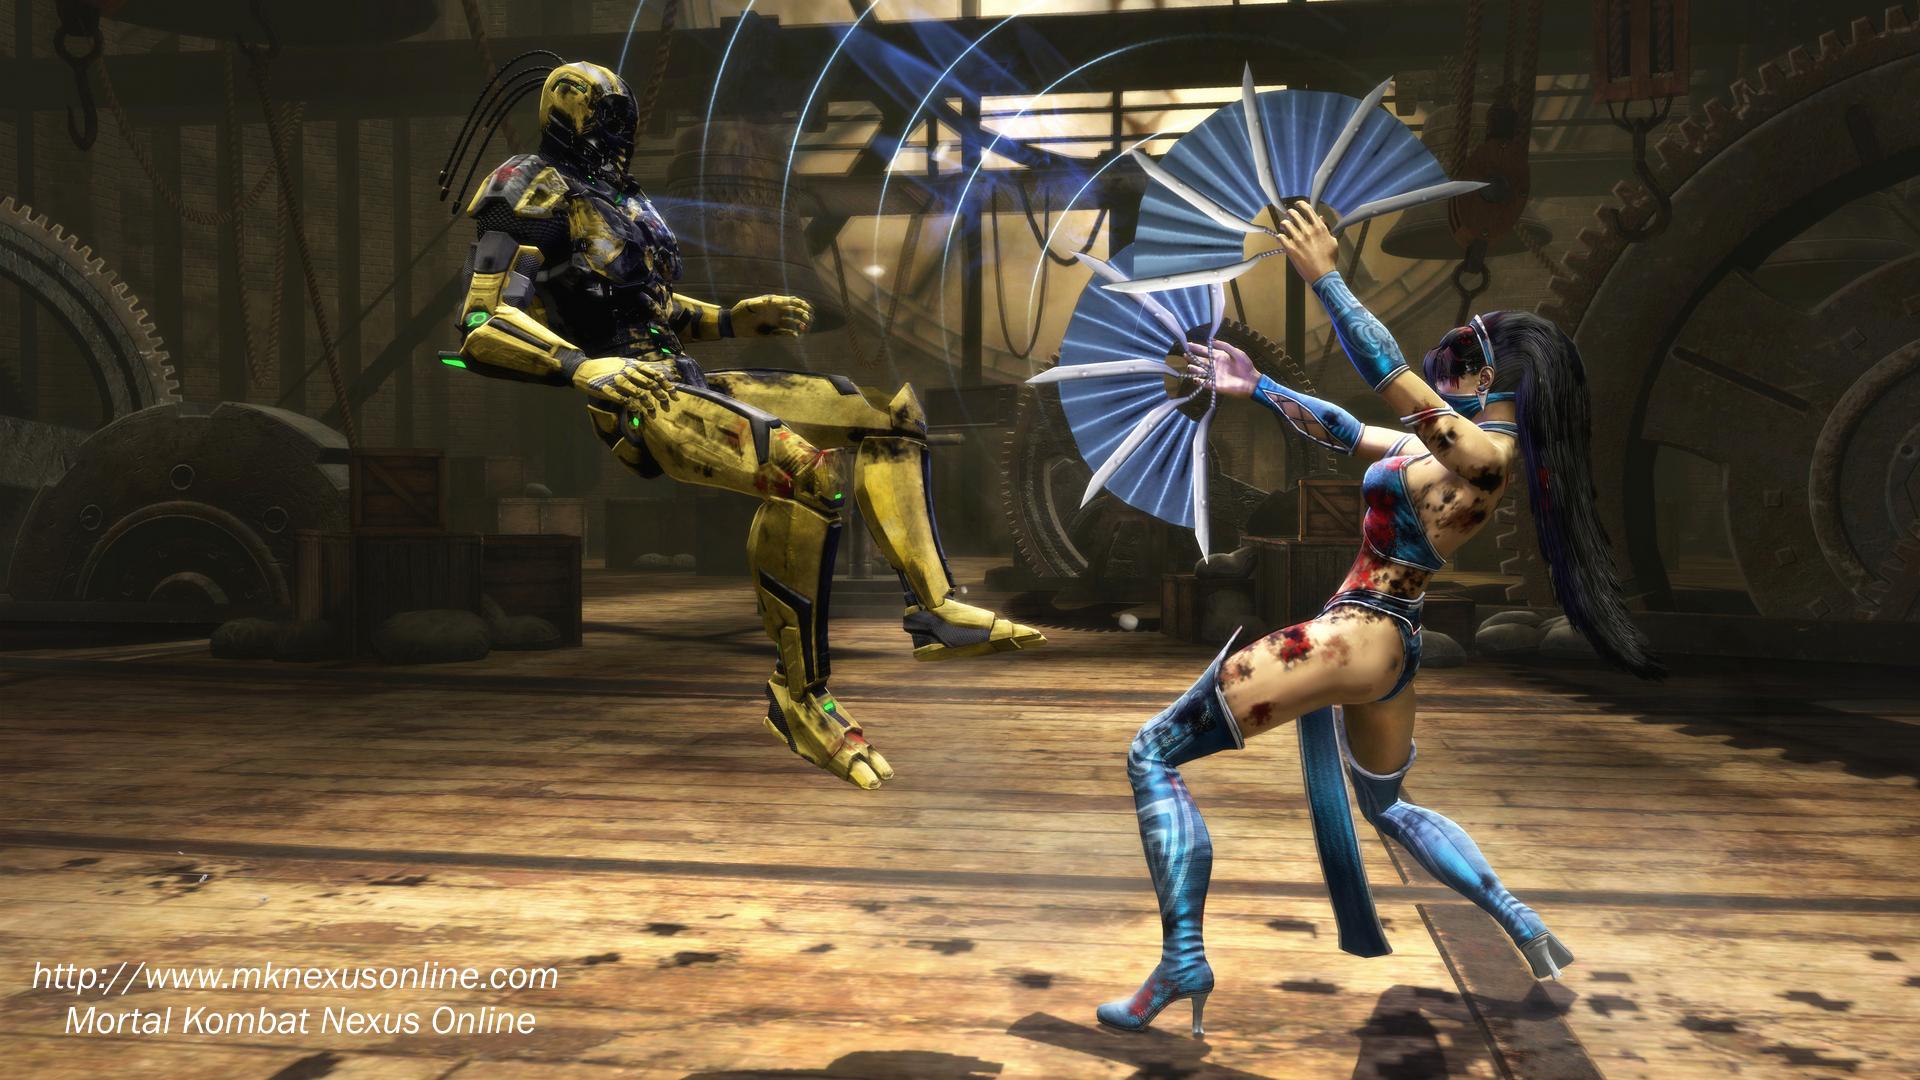 Mortal kombat 9 online game